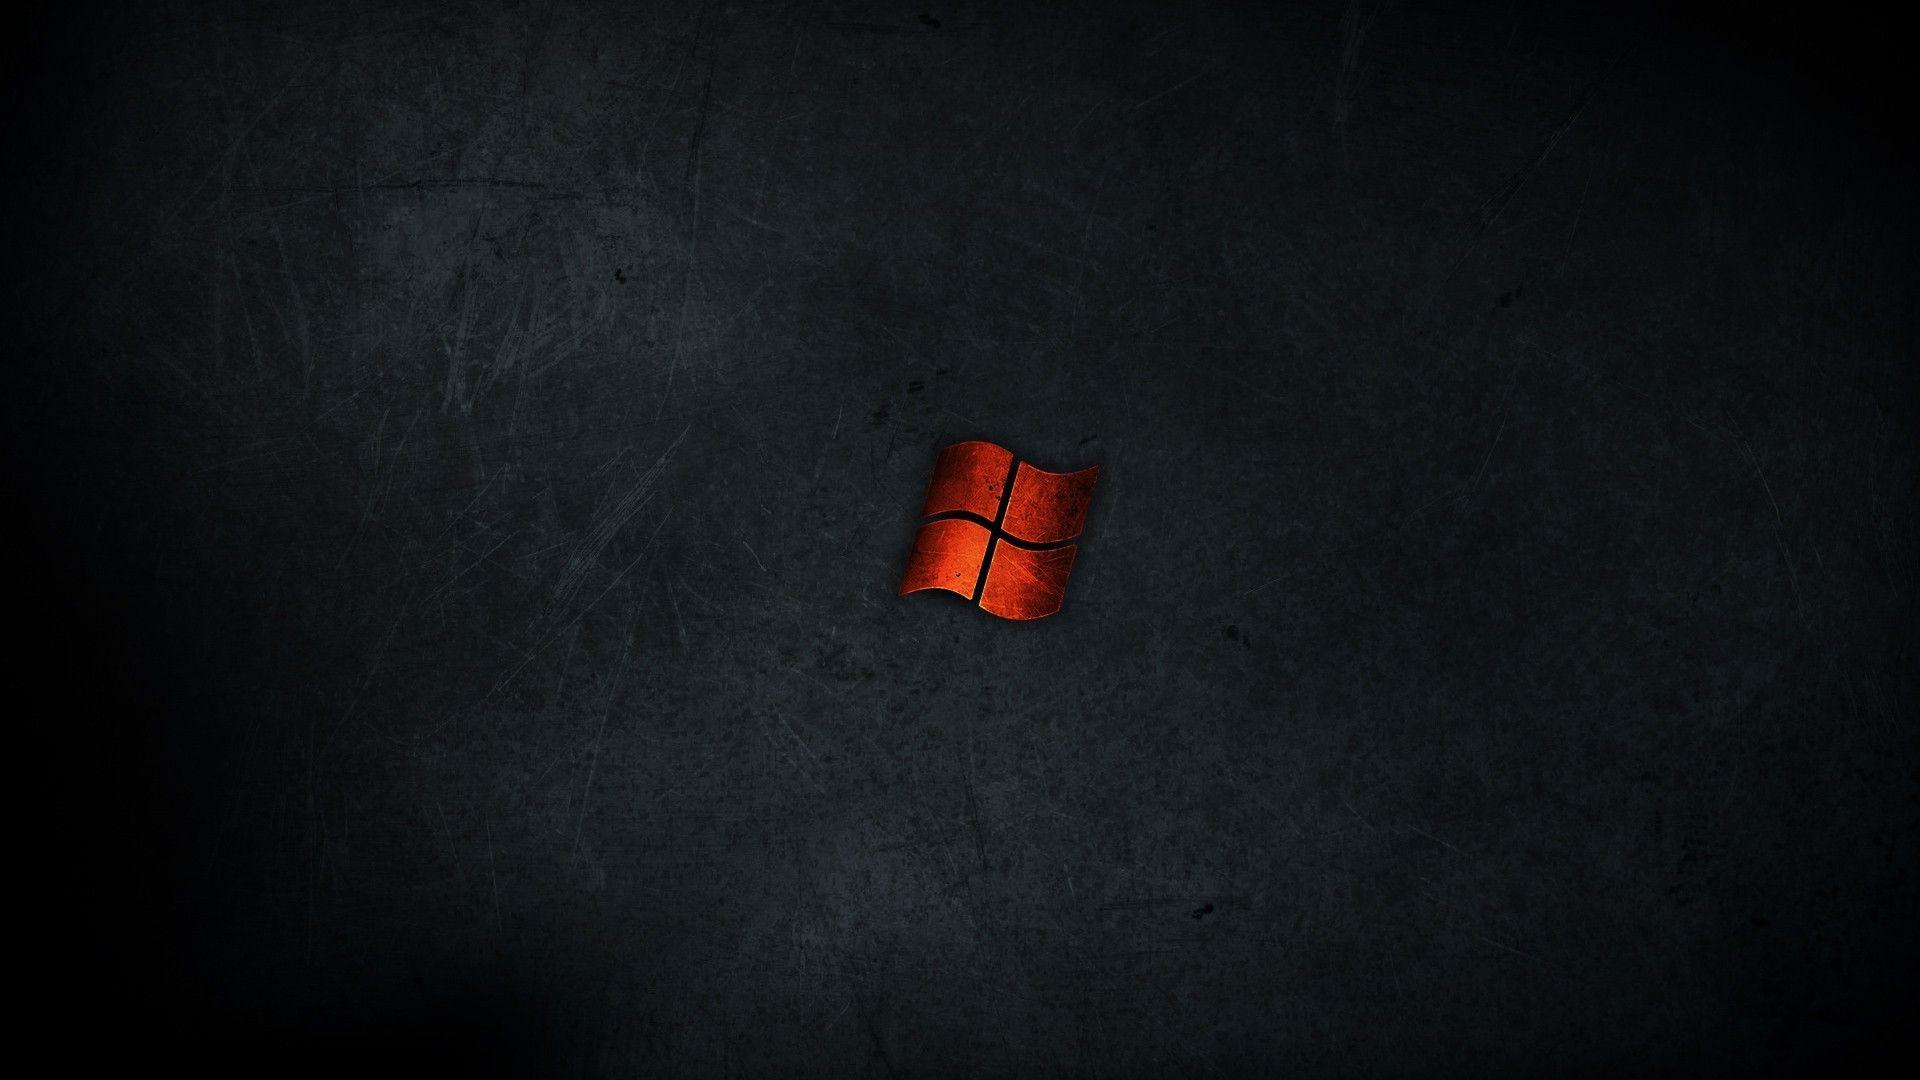 Minimalistic Dark Red Metal Windows Wallpaper Wallpaper Windows 10 Windows Wallpaper 4k Wallpapers For Pc